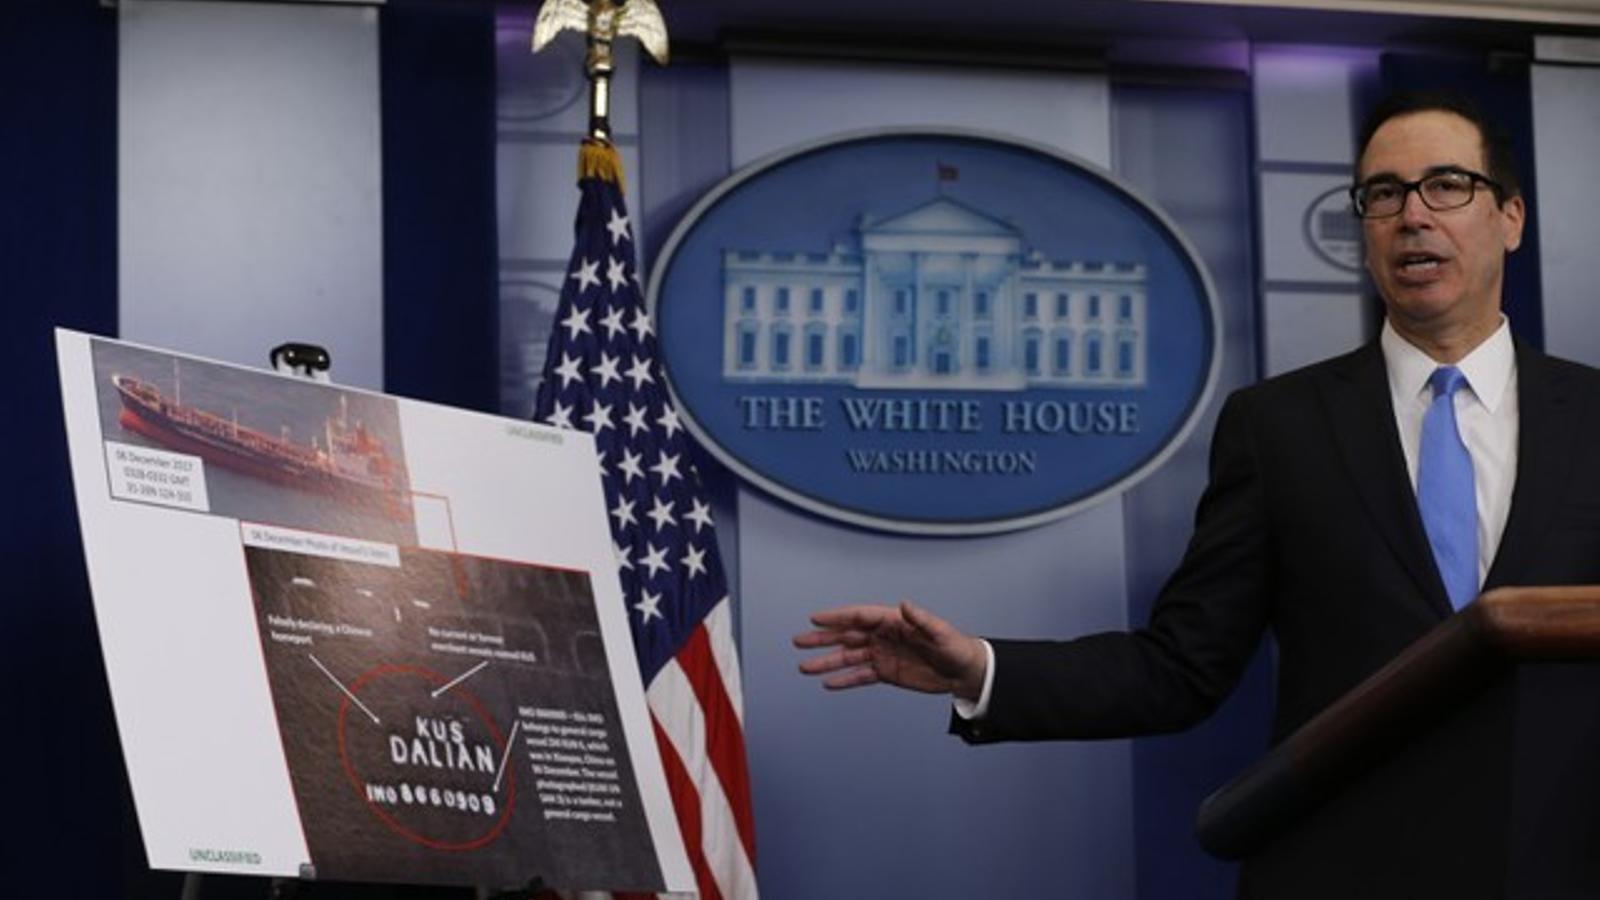 Mnuchin compareixent a la Casa Blanca per explicar el nou paquet de sancions als col·laboradors de Corea del Nord.